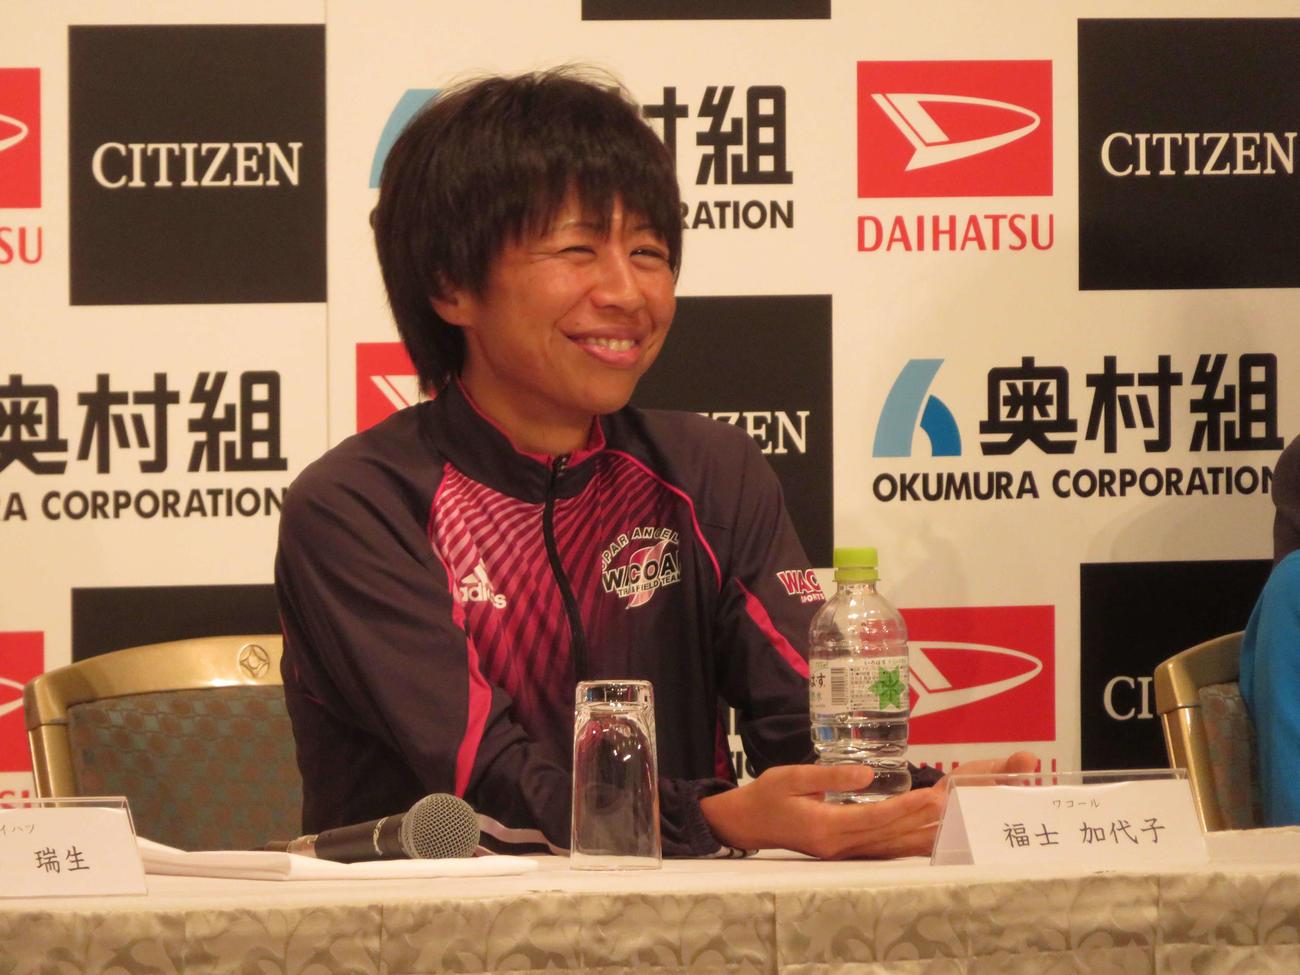 大阪国際女子マラソンの会見で笑顔を見せる福士(撮影・上田悠太)